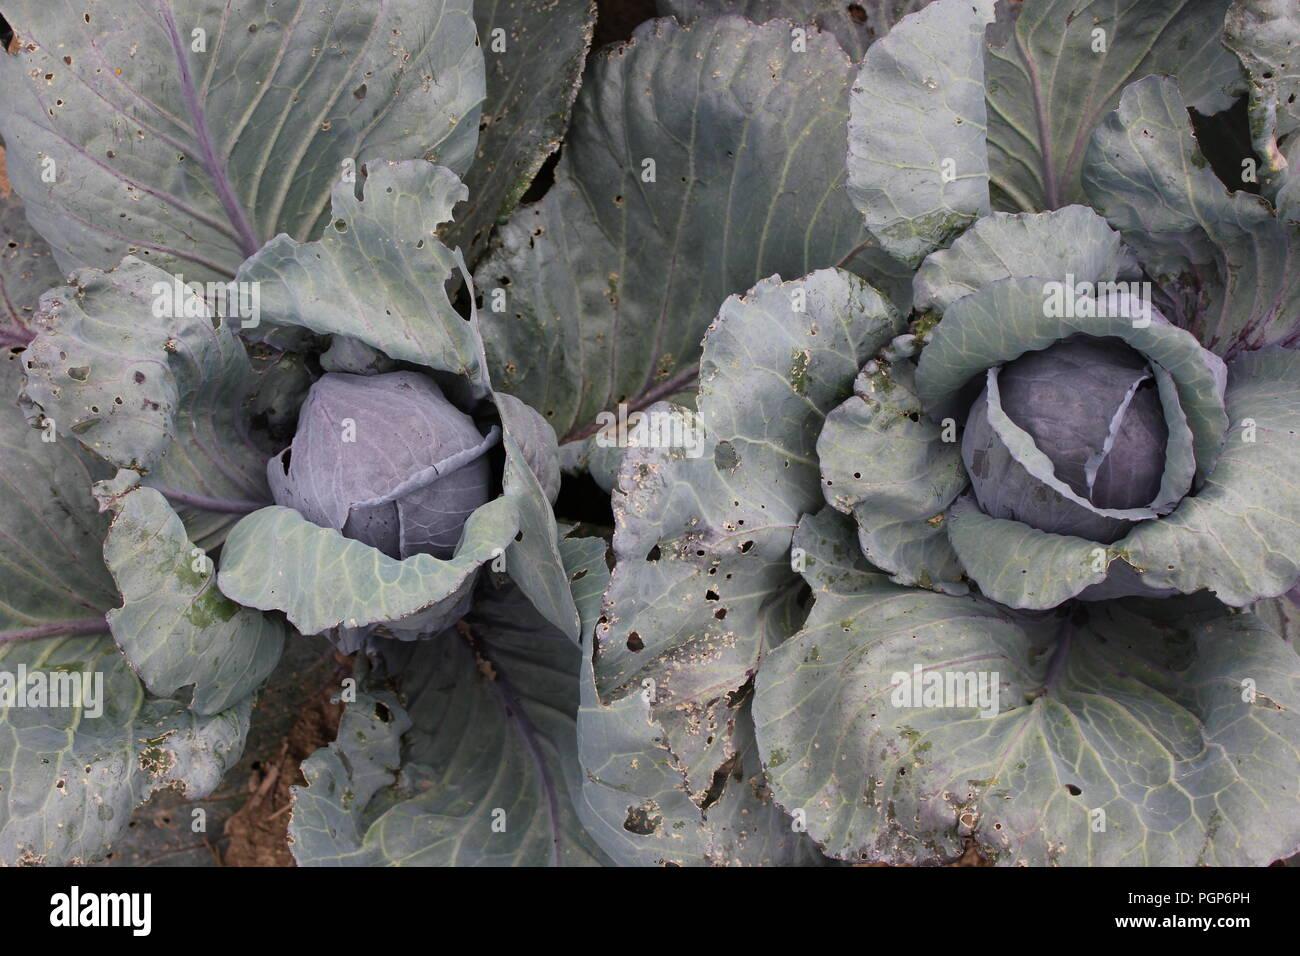 Teste di cavolo viola cresce a Wagner Farm comunità giardino di Glenview, Illinois, Stati Uniti d'America. Immagini Stock